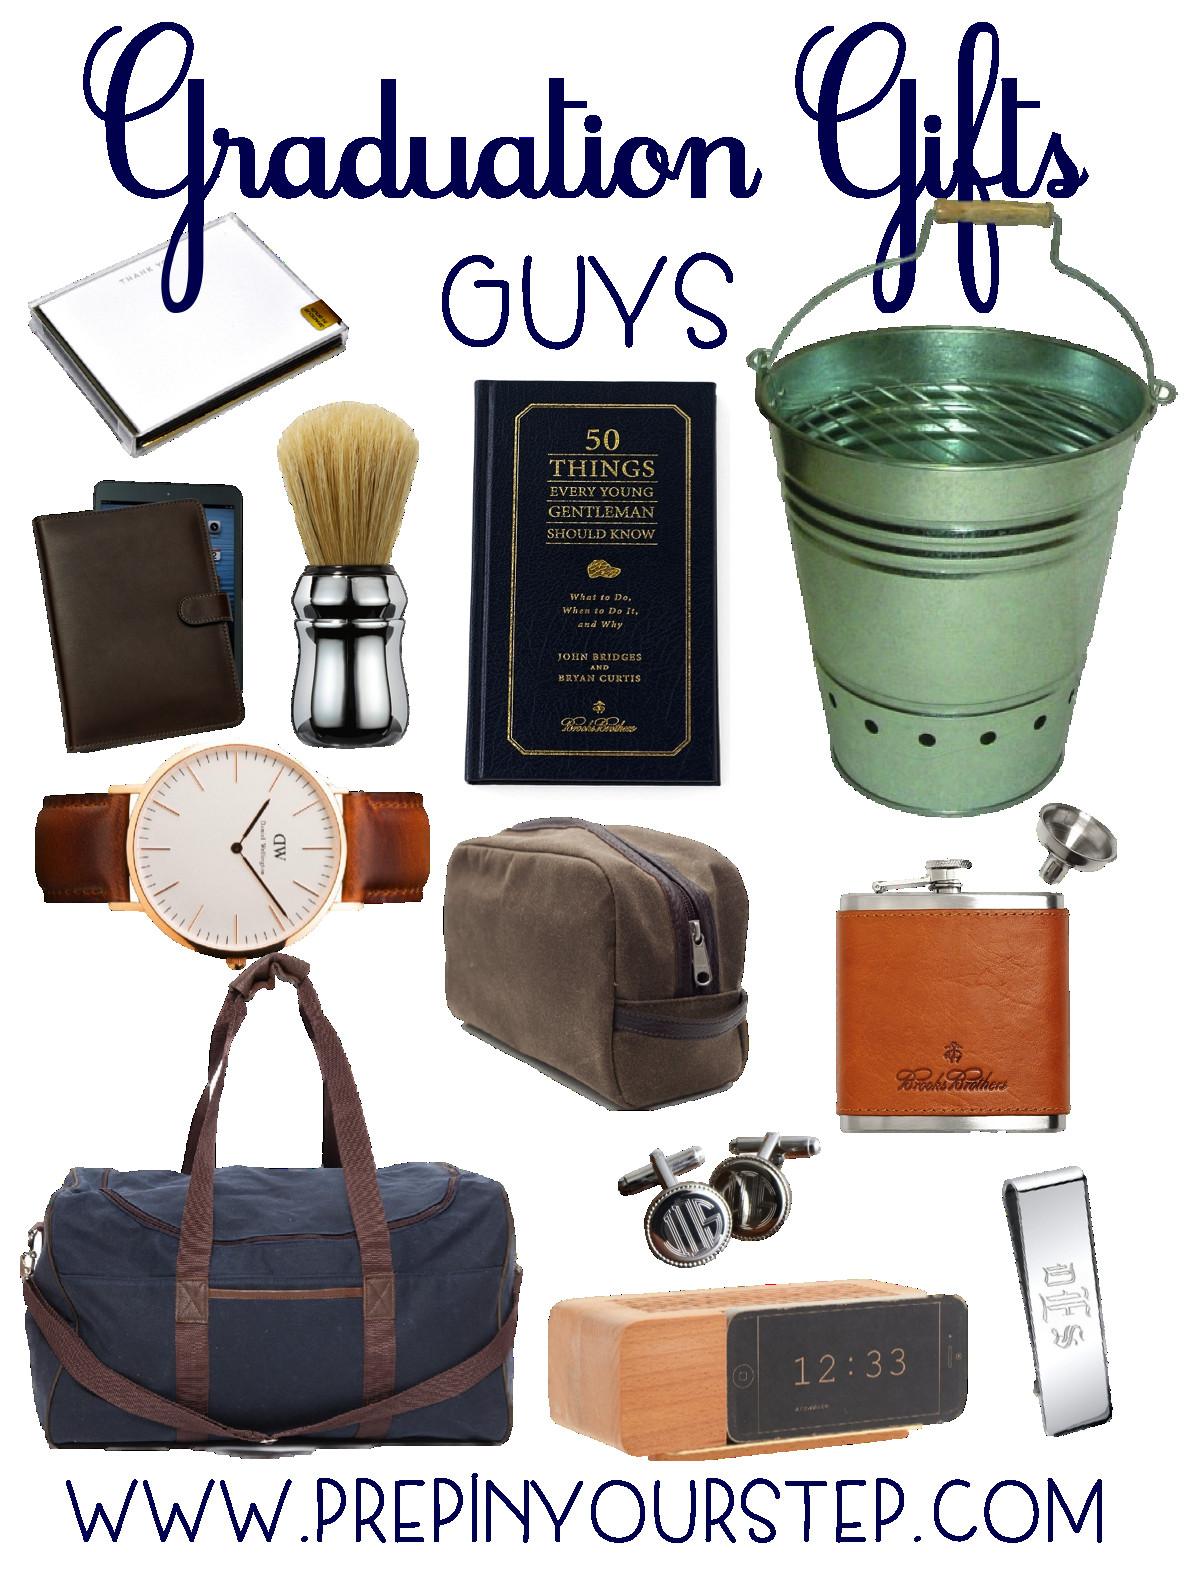 College Boyfriend Gift Ideas  Graduation Gift Ideas Guys & Girls Prep In Your Step